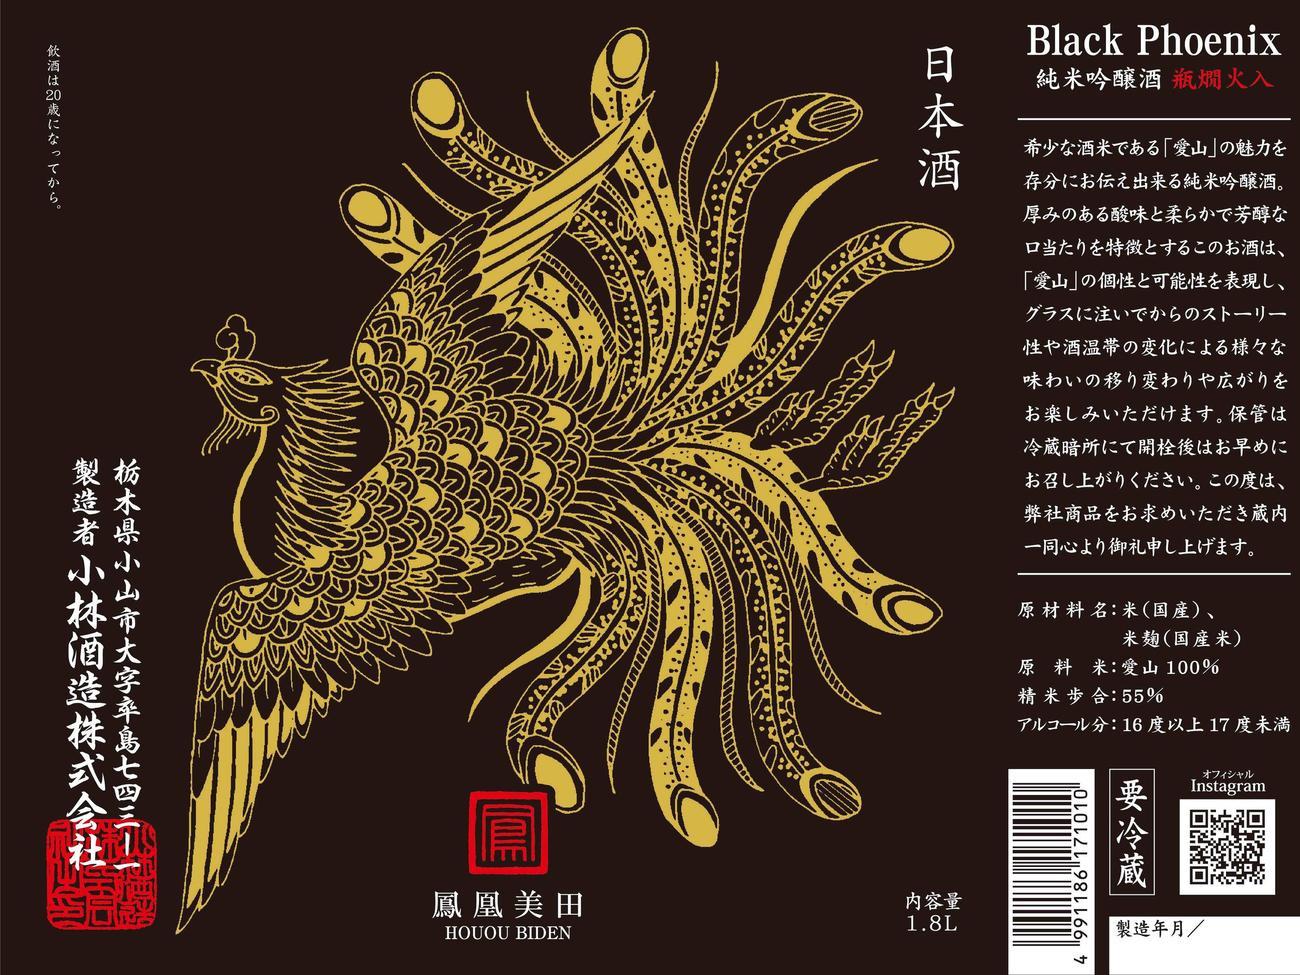 栃木県小山市の小林酒造が製造する日本酒ブランド「鳳凰美田」のラベル。下に英語で「HOUOU BIDEN」と表記されている